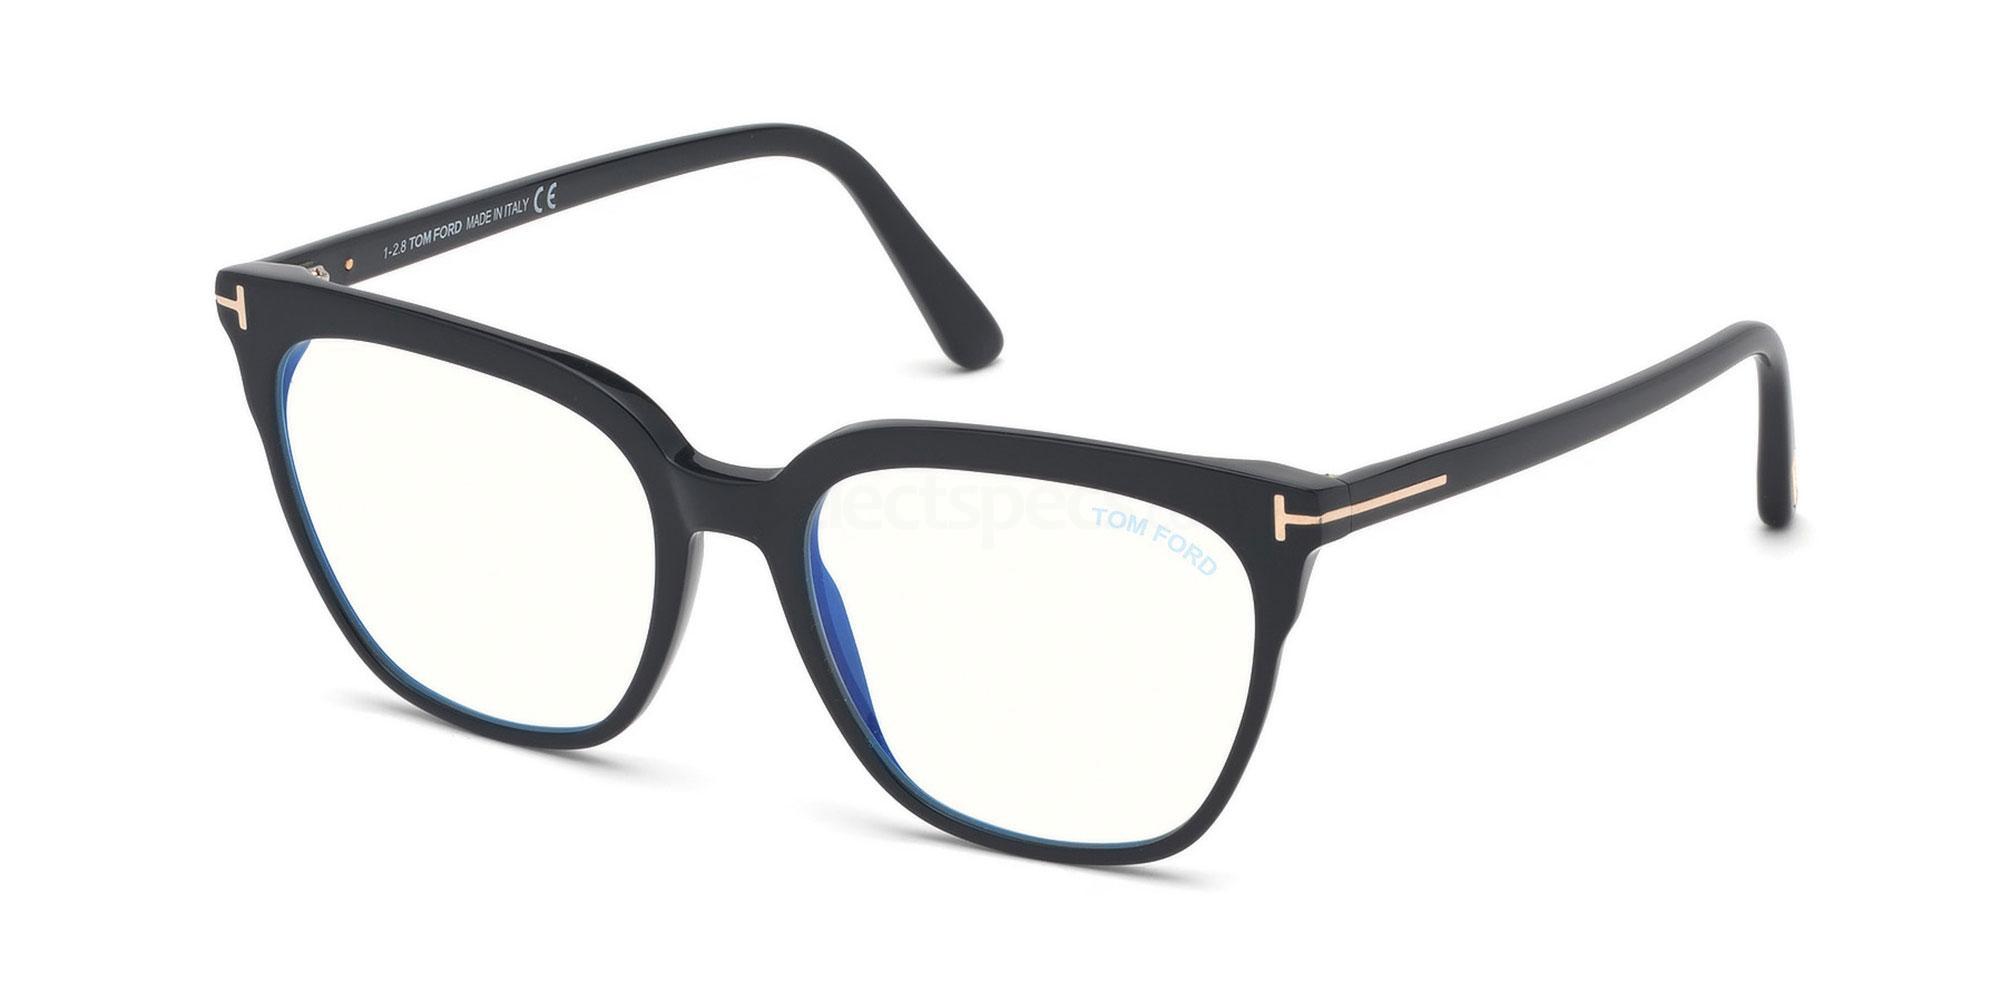 001 FT5599-B Glasses, Tom Ford